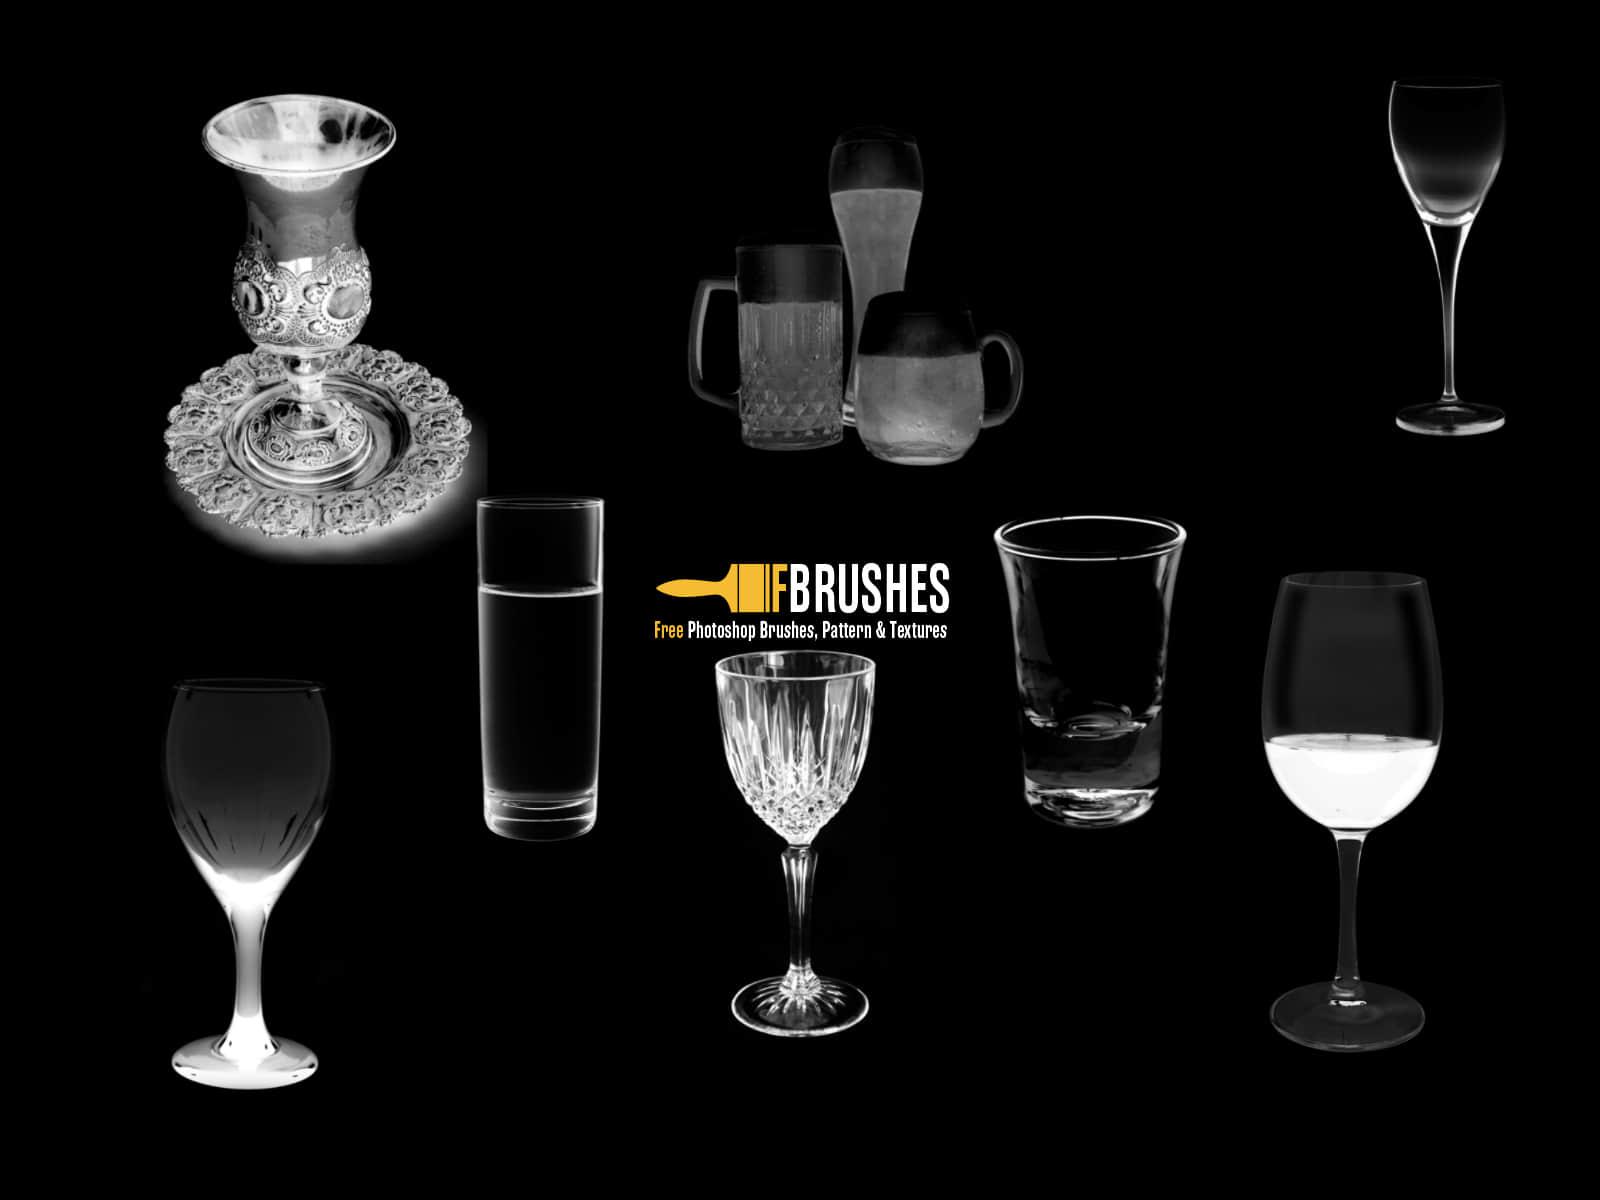 酒杯、透明玻璃杯、水杯、杯子、啤酒杯PS笔刷素材 银杯笔刷 玻璃杯笔刷 水杯笔刷 杯子笔刷 啤酒杯笔刷  other brushes